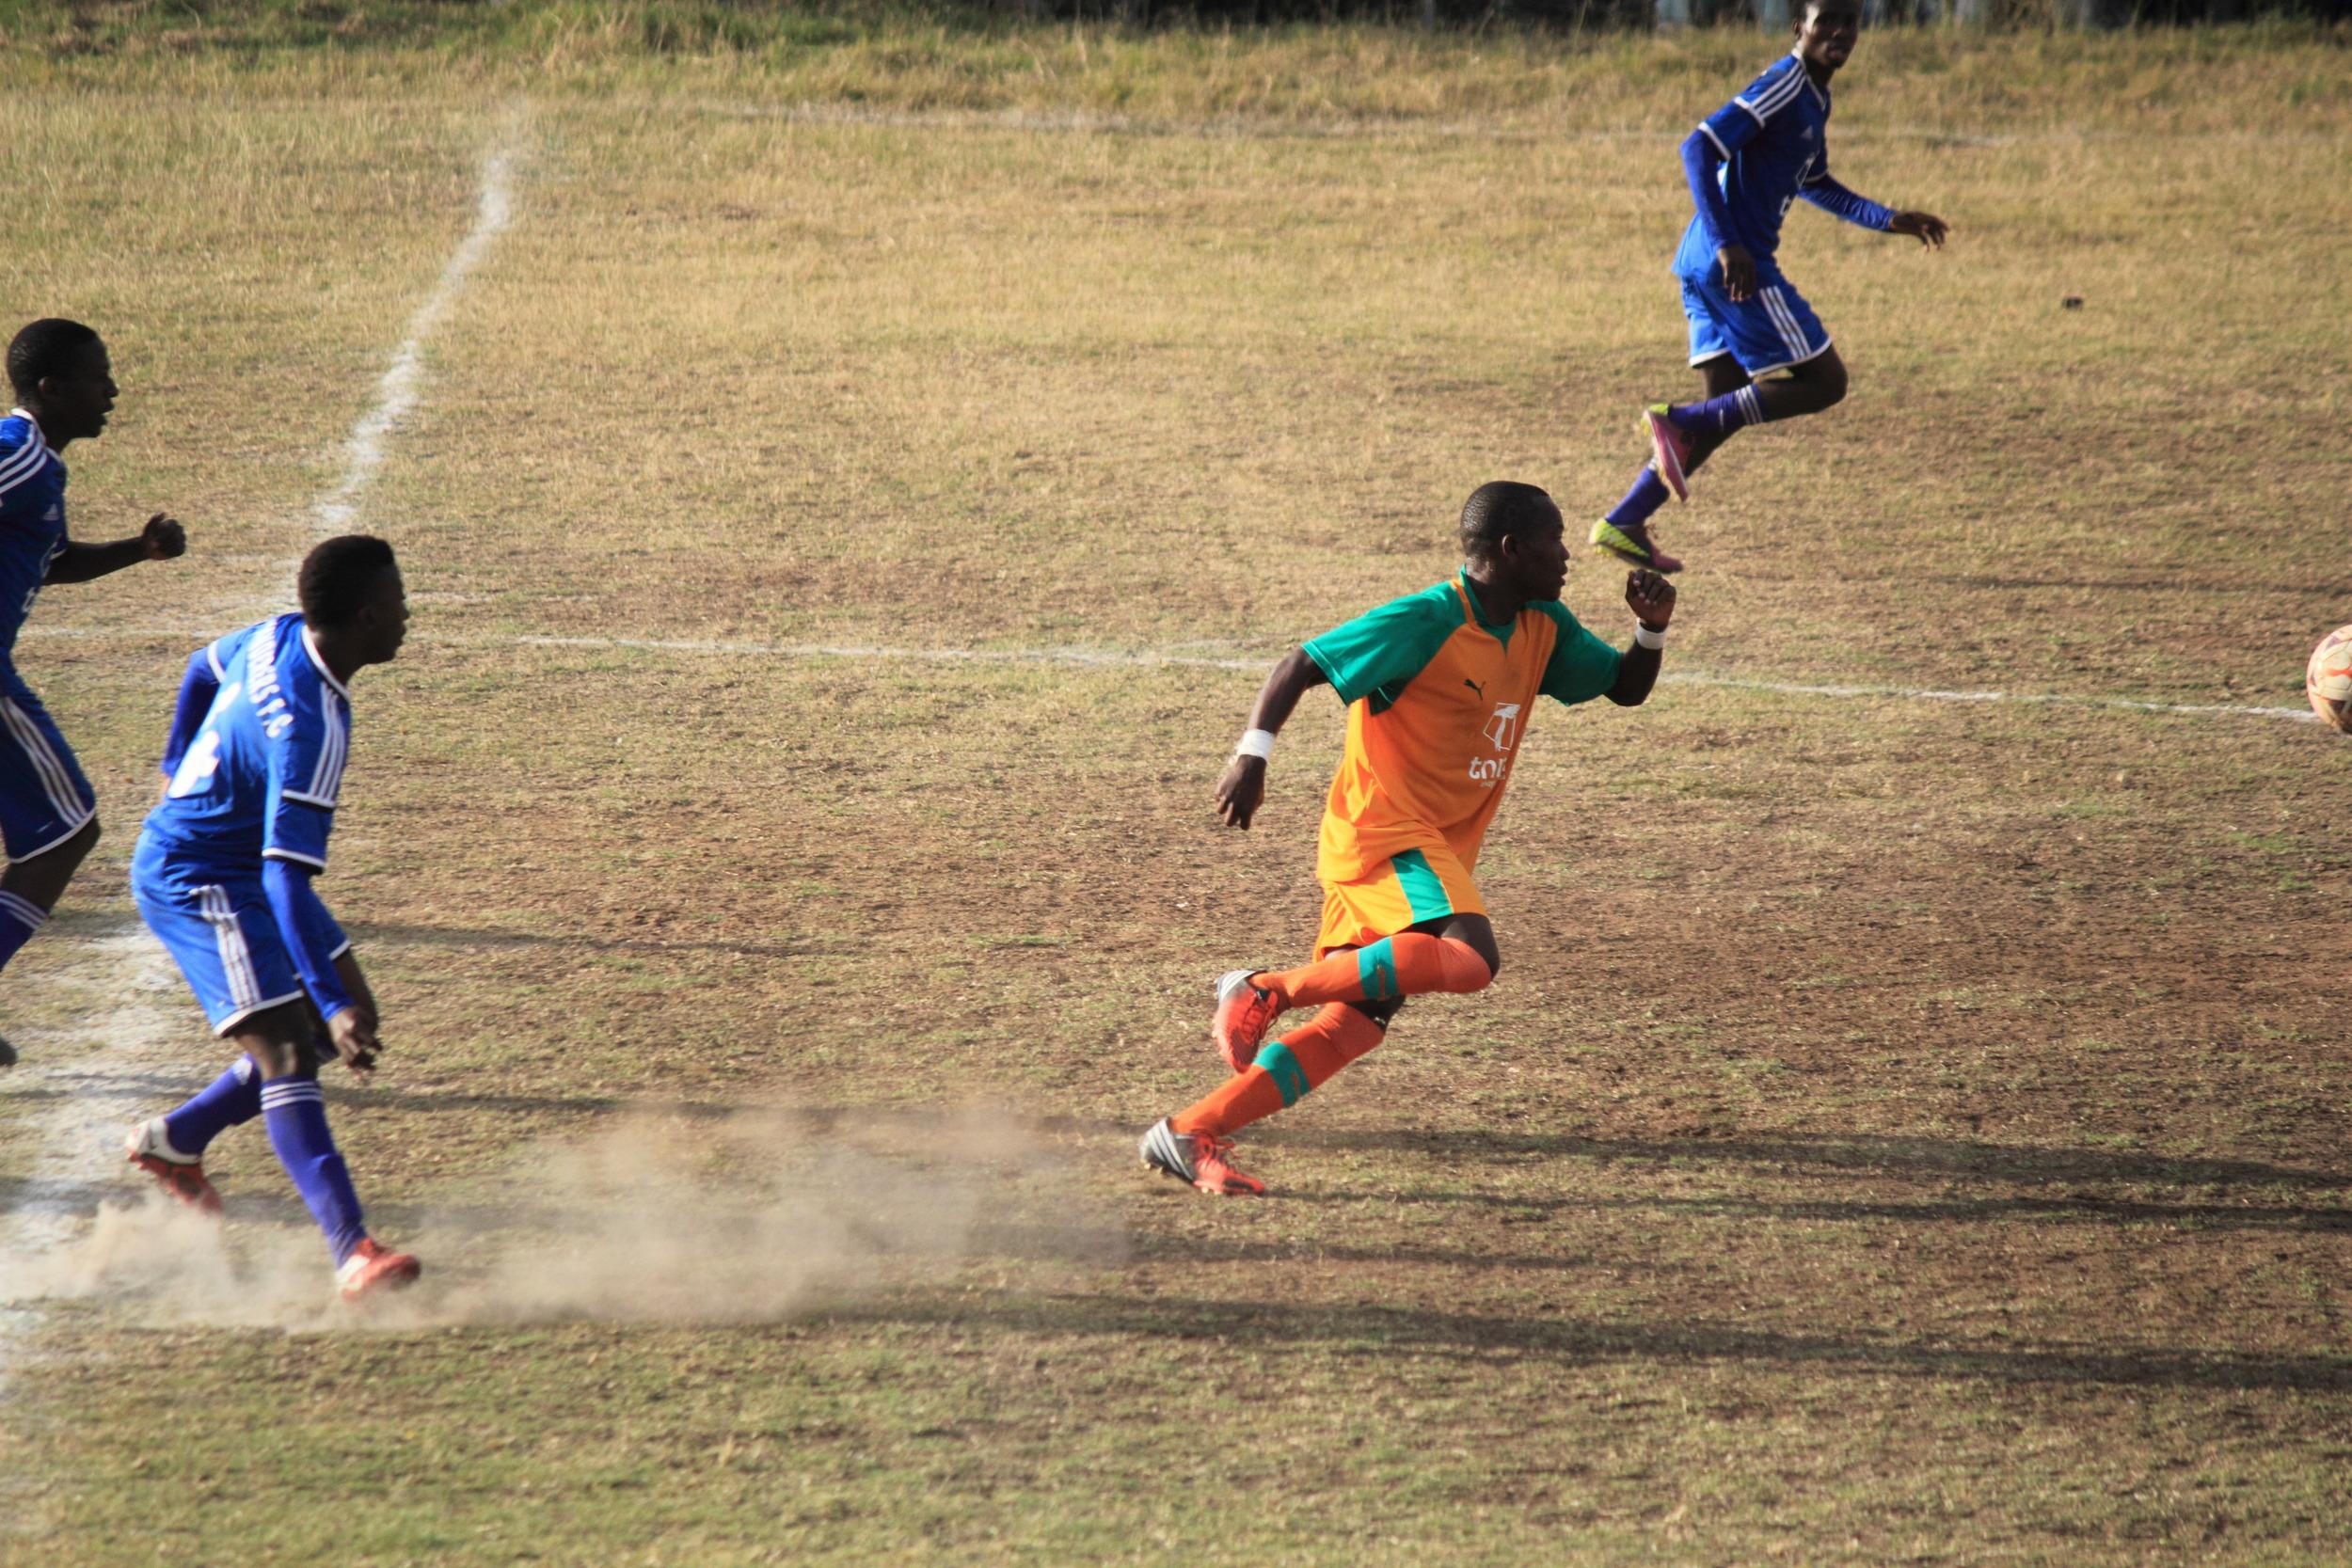 Football (soccer) game